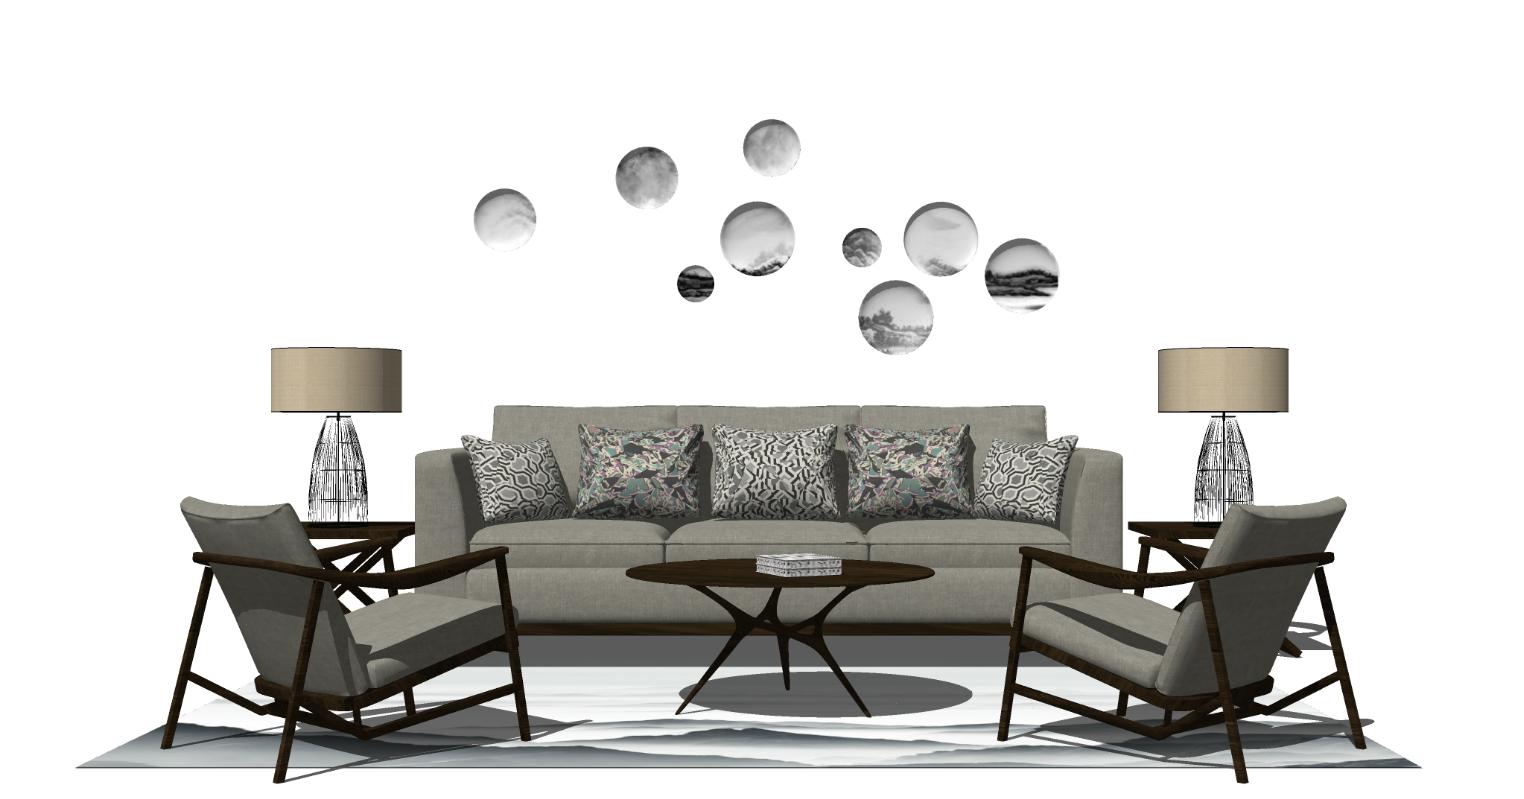 现代新中式茶几沙发组合挂件SU模型下载【ID:723529676】